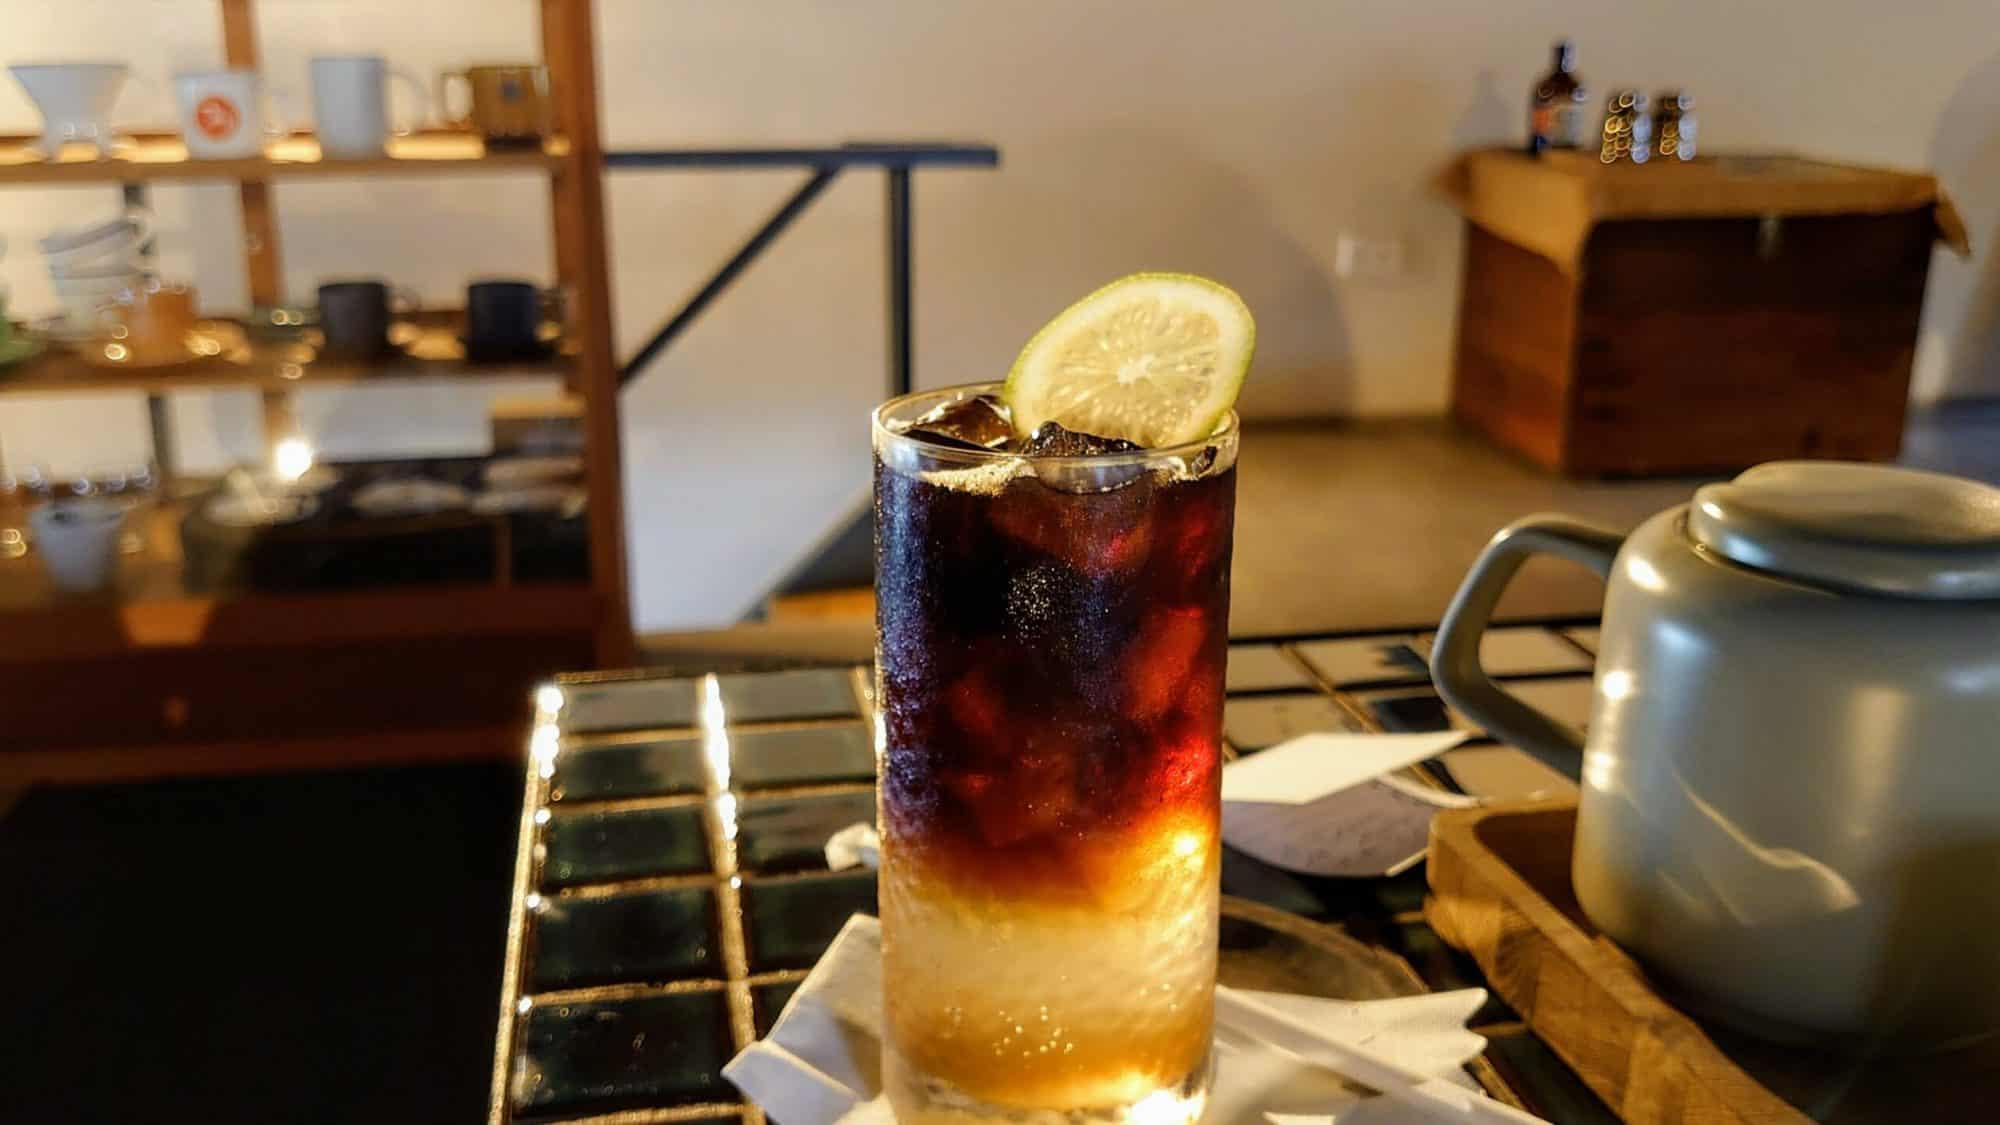 第二家咖啡店 - 叫「詹姆先生」的飲品 - 讀書會後的續攤用筆電、討論 @ 暗室微光